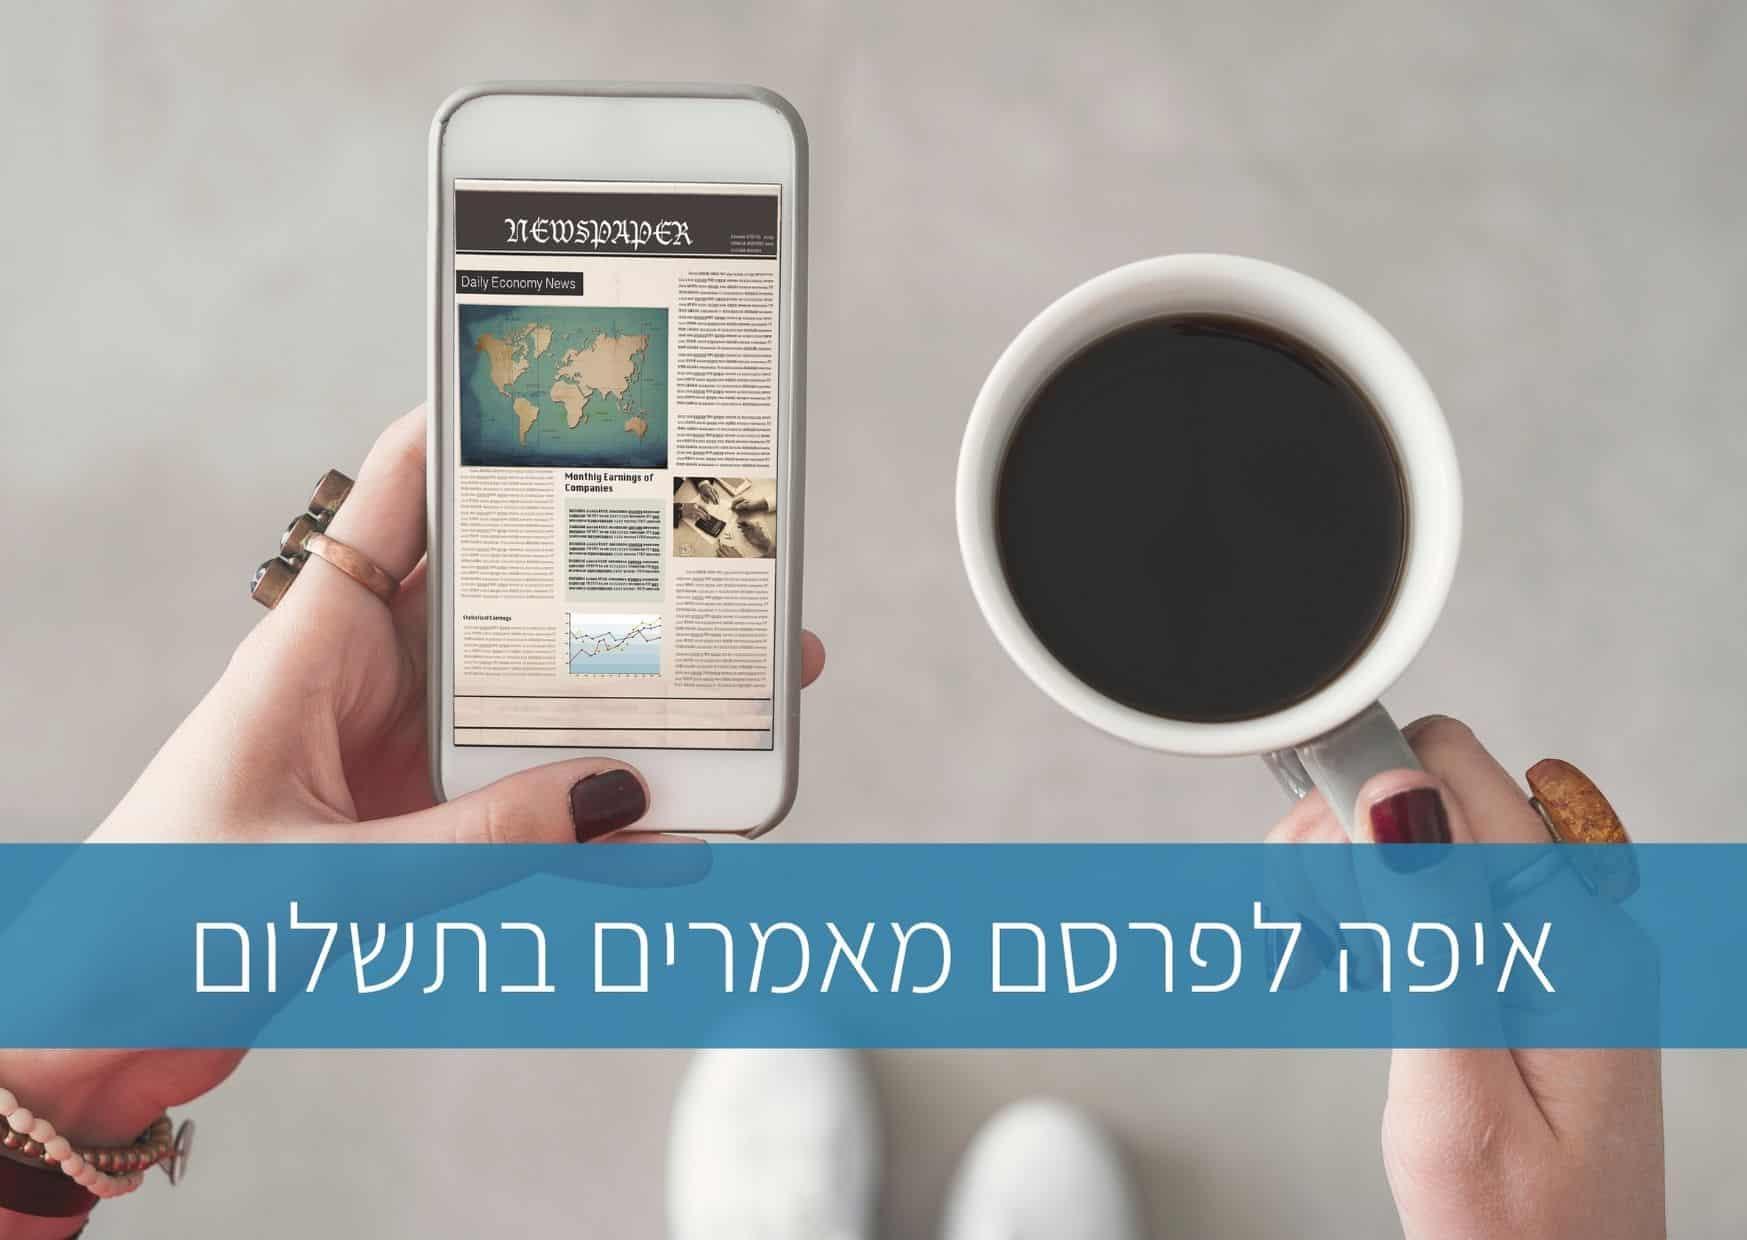 פרסום מאמרים באתרי תוכן